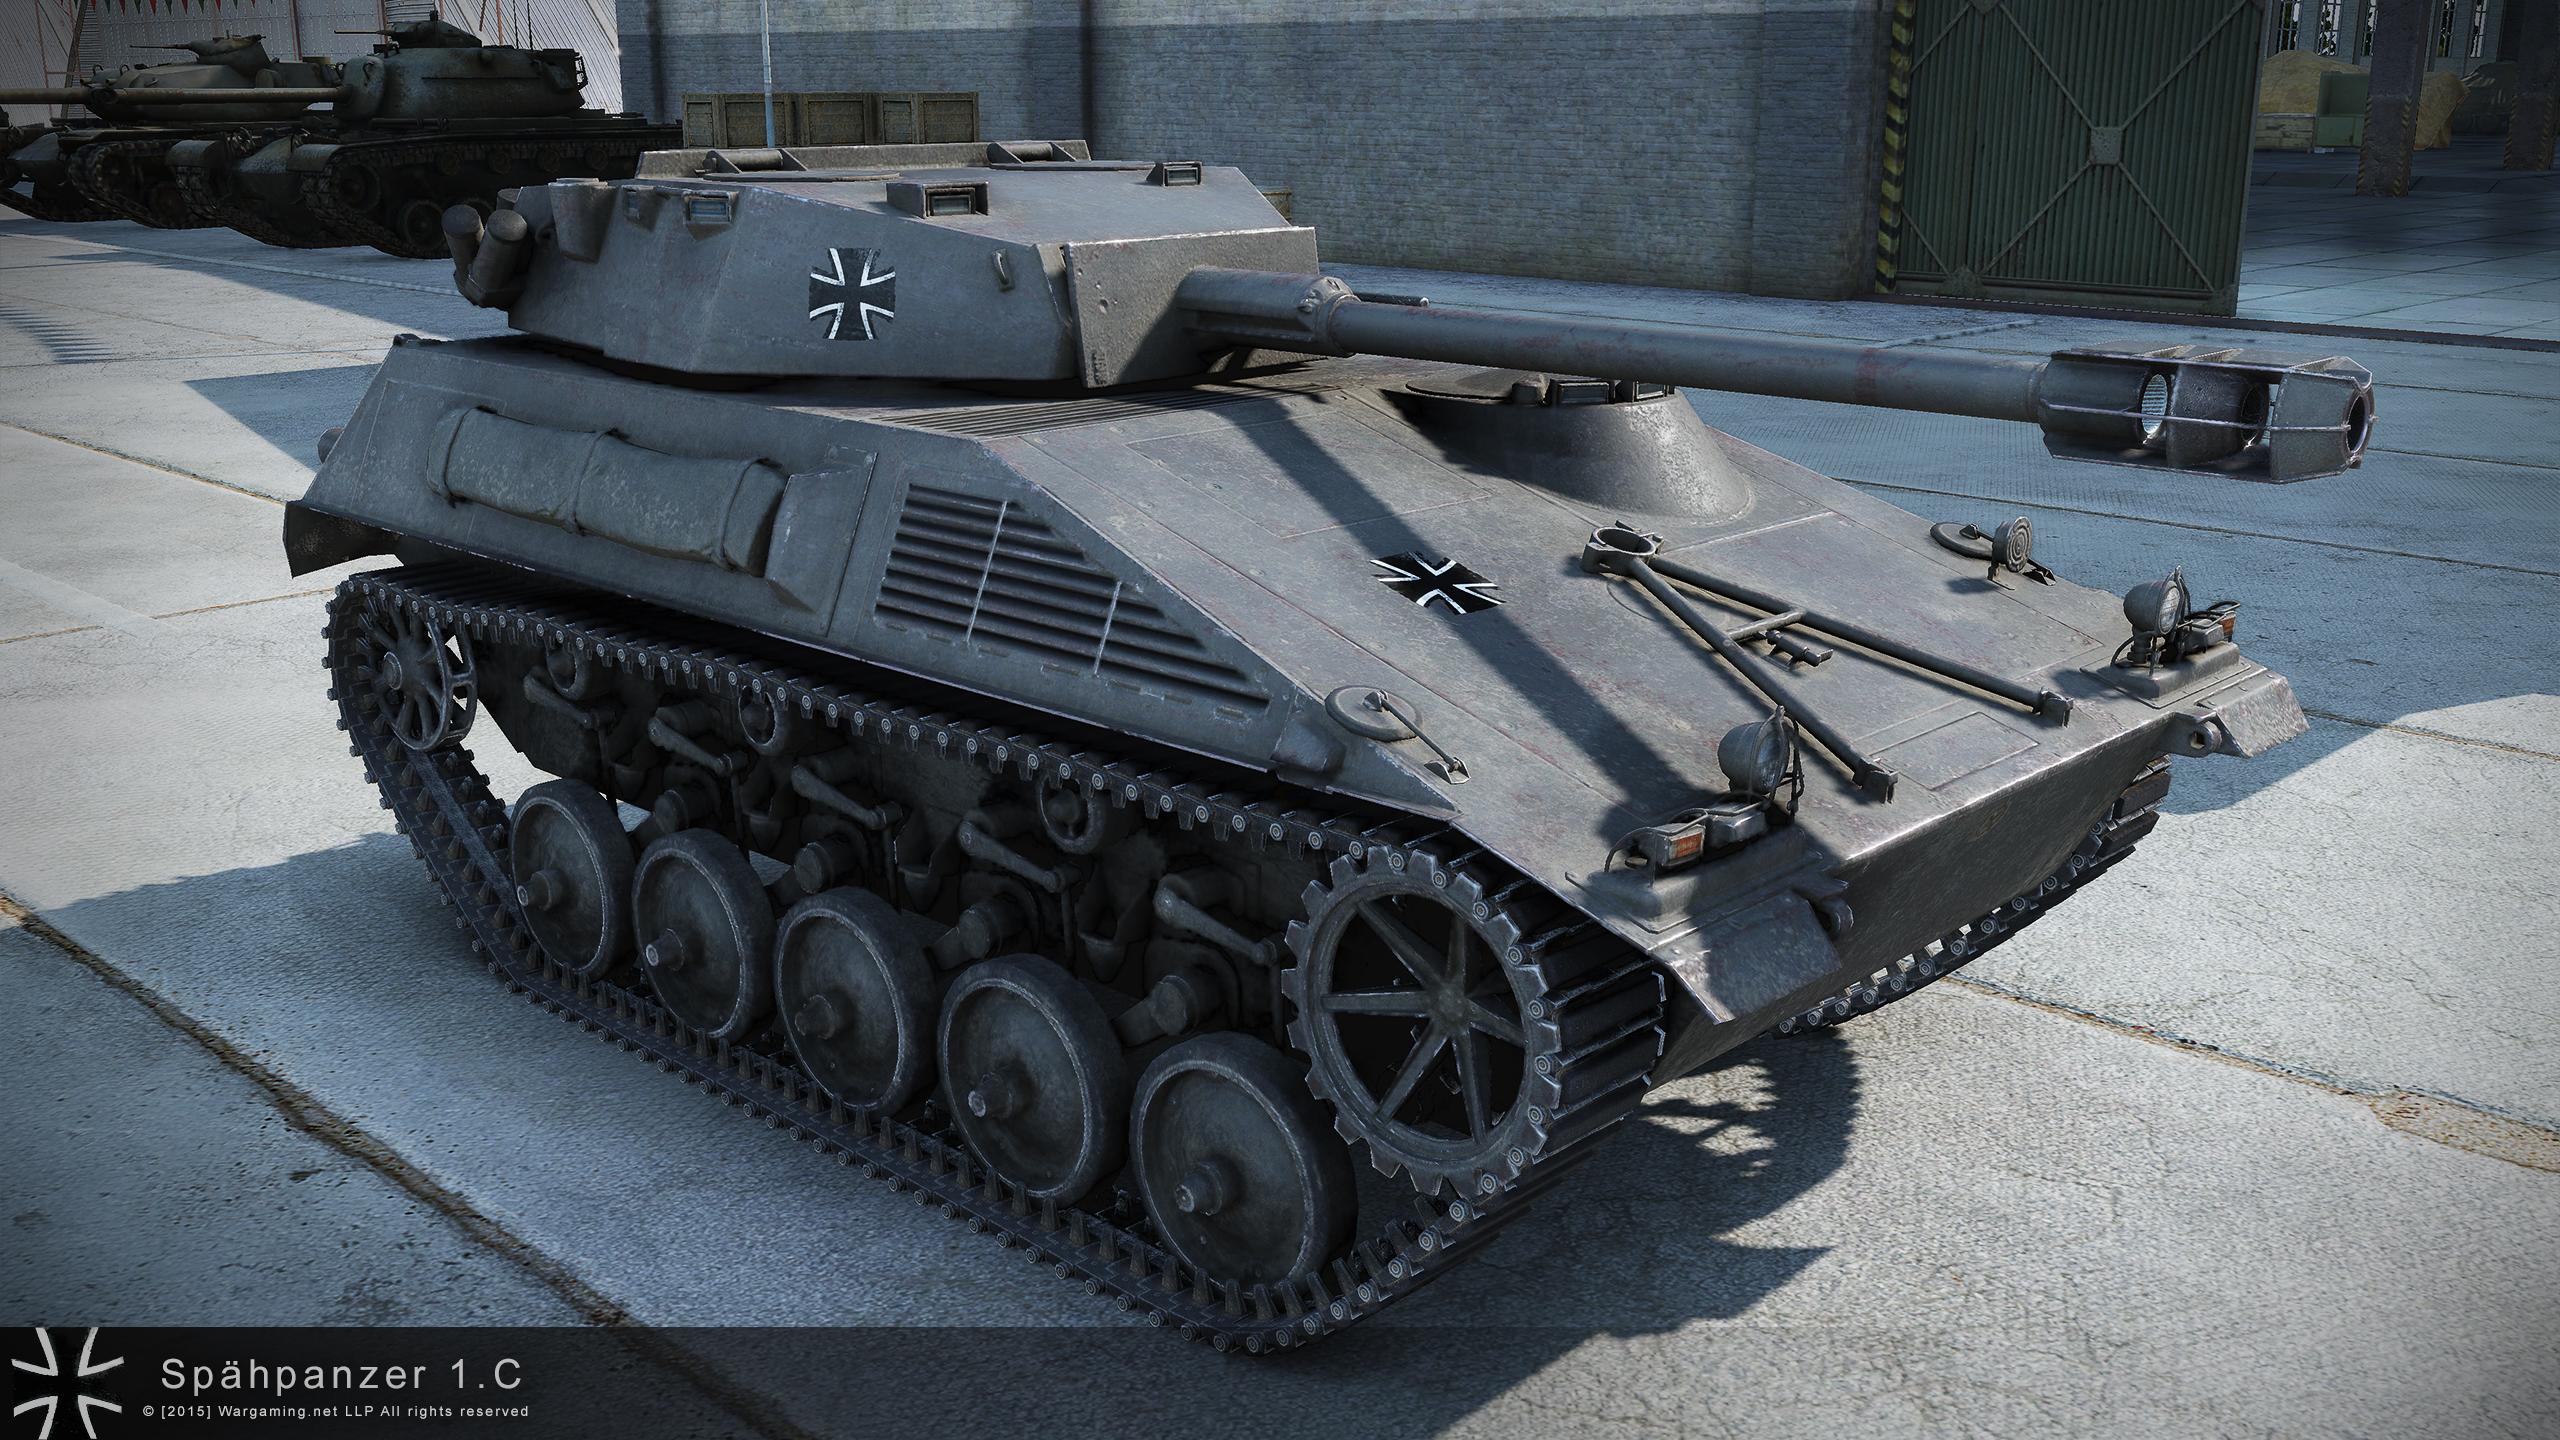 spahpanzer 1c 3 qg1FEZr